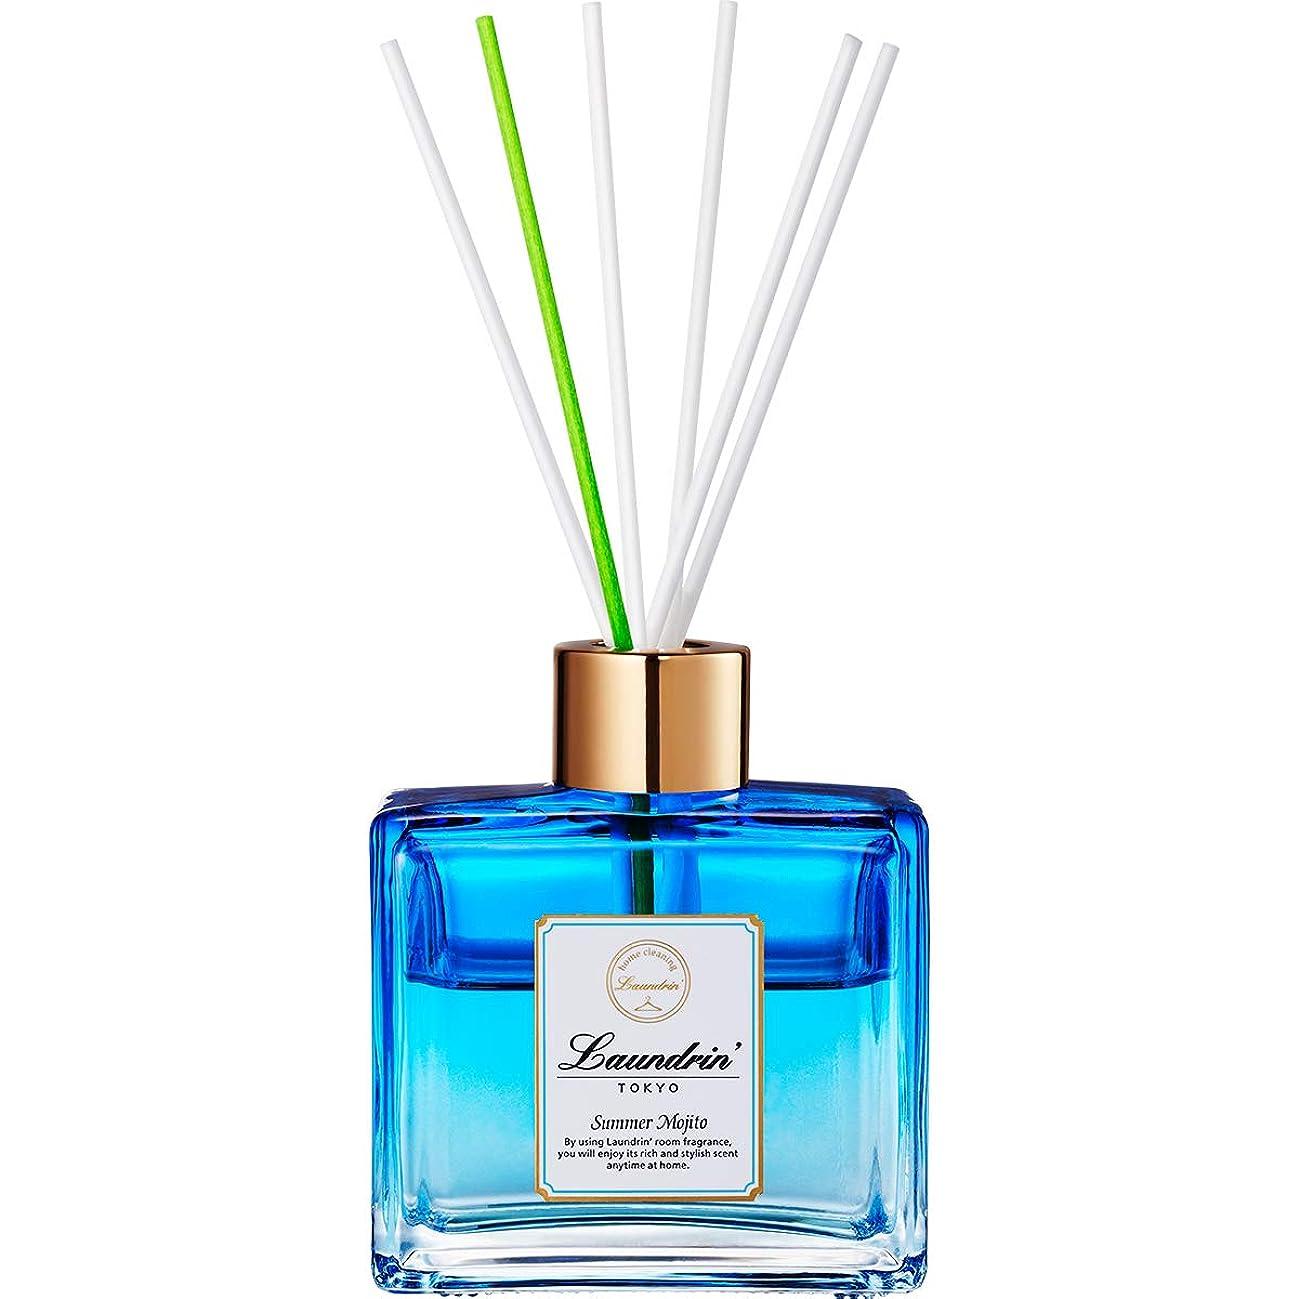 へこみあいにく花に水をやるランドリン ルームディフューザー サマーモヒートの香り 80ml